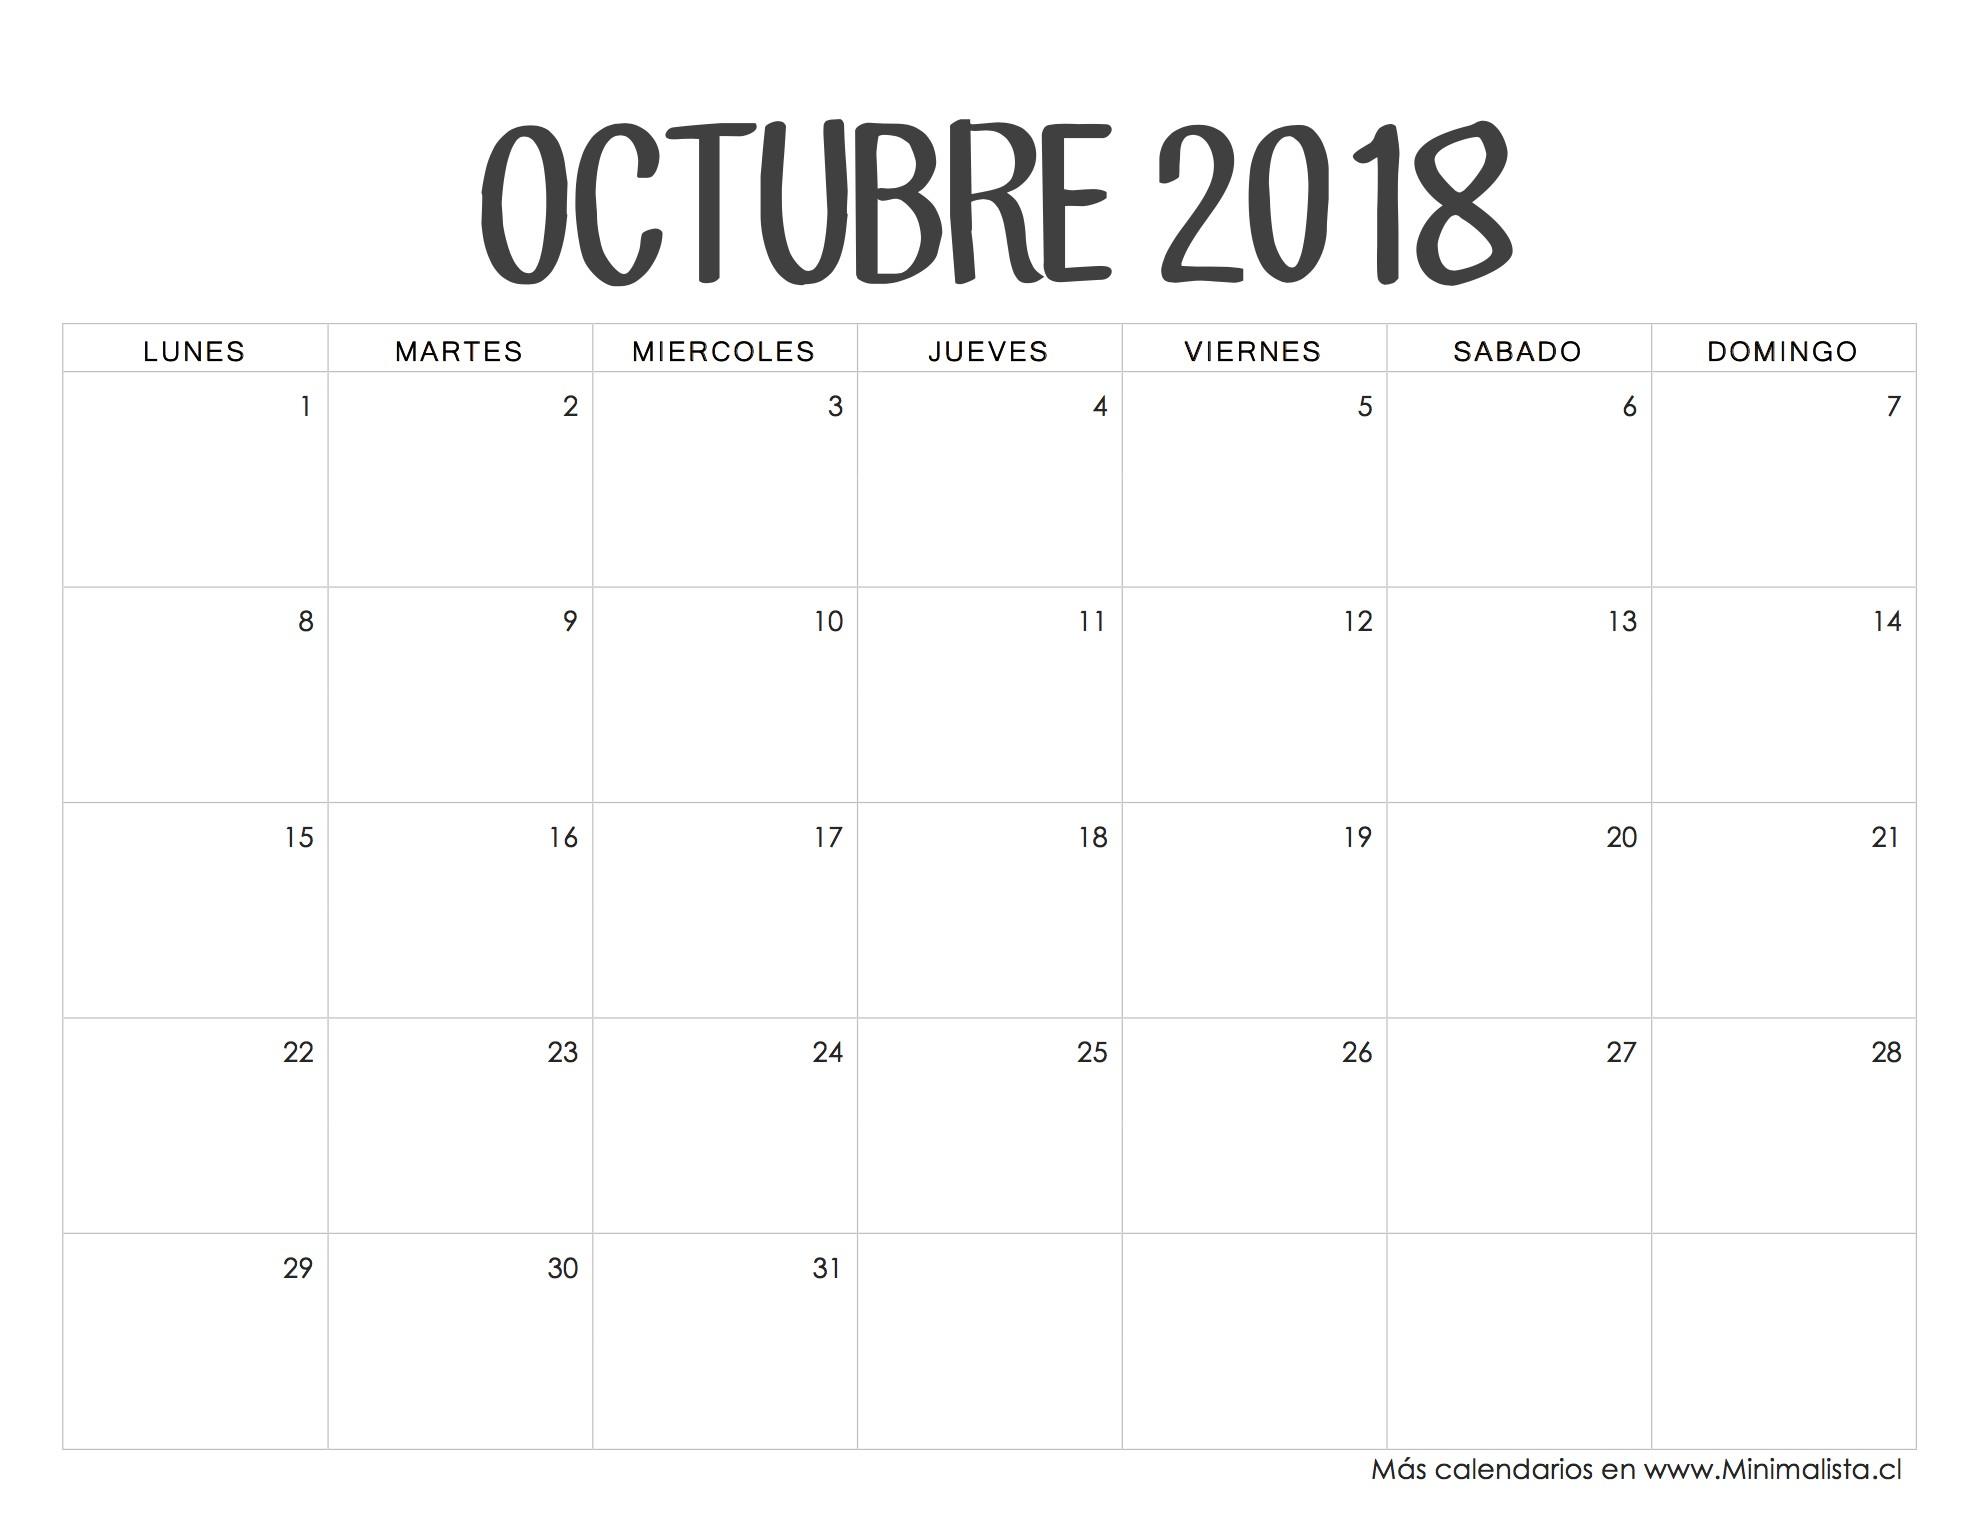 Calendario 2019 Con Festivos Mexico Actual Calendario Octubre 2018 Calendario 2018 Pinterest Of Calendario 2019 Con Festivos Mexico Más Populares Noticias Calendario 2019 Para Imprimir Con Feriados Mexico